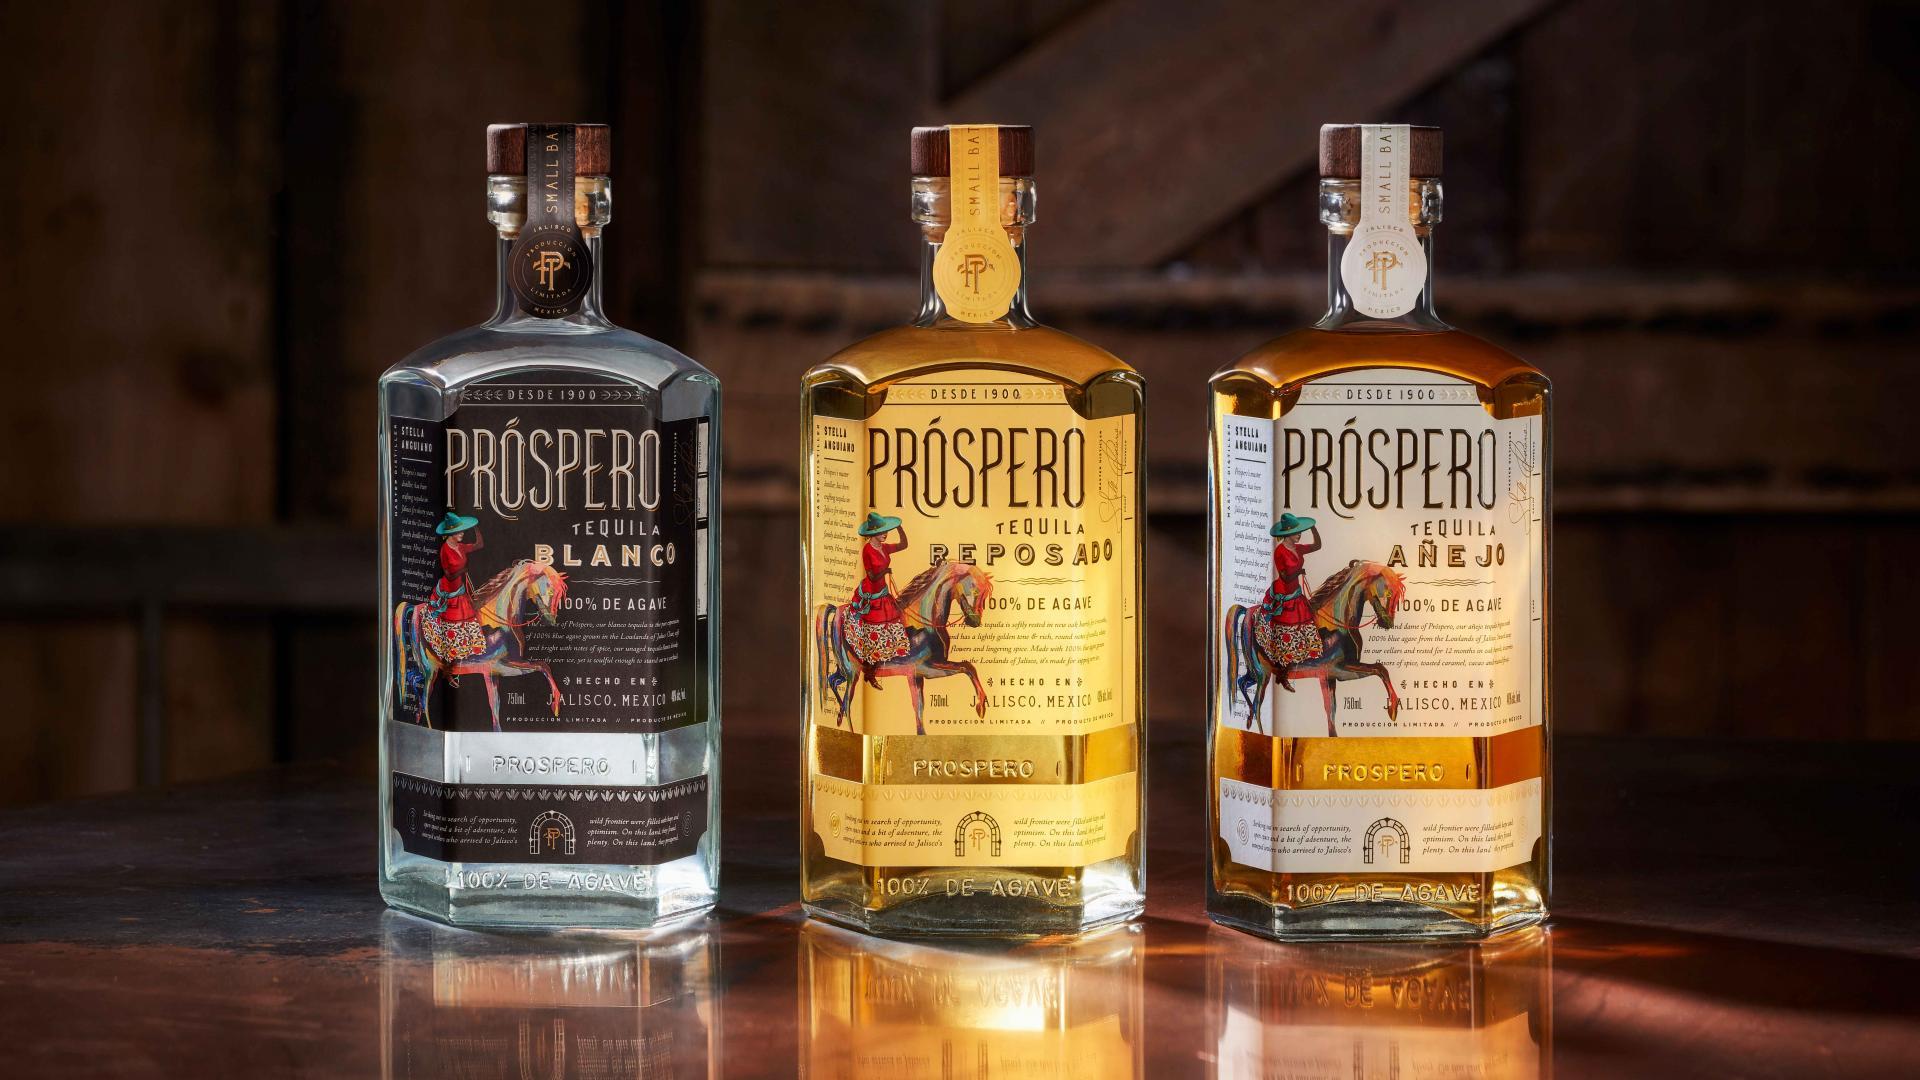 Rita Ora's Prospero tequila: the three expressions